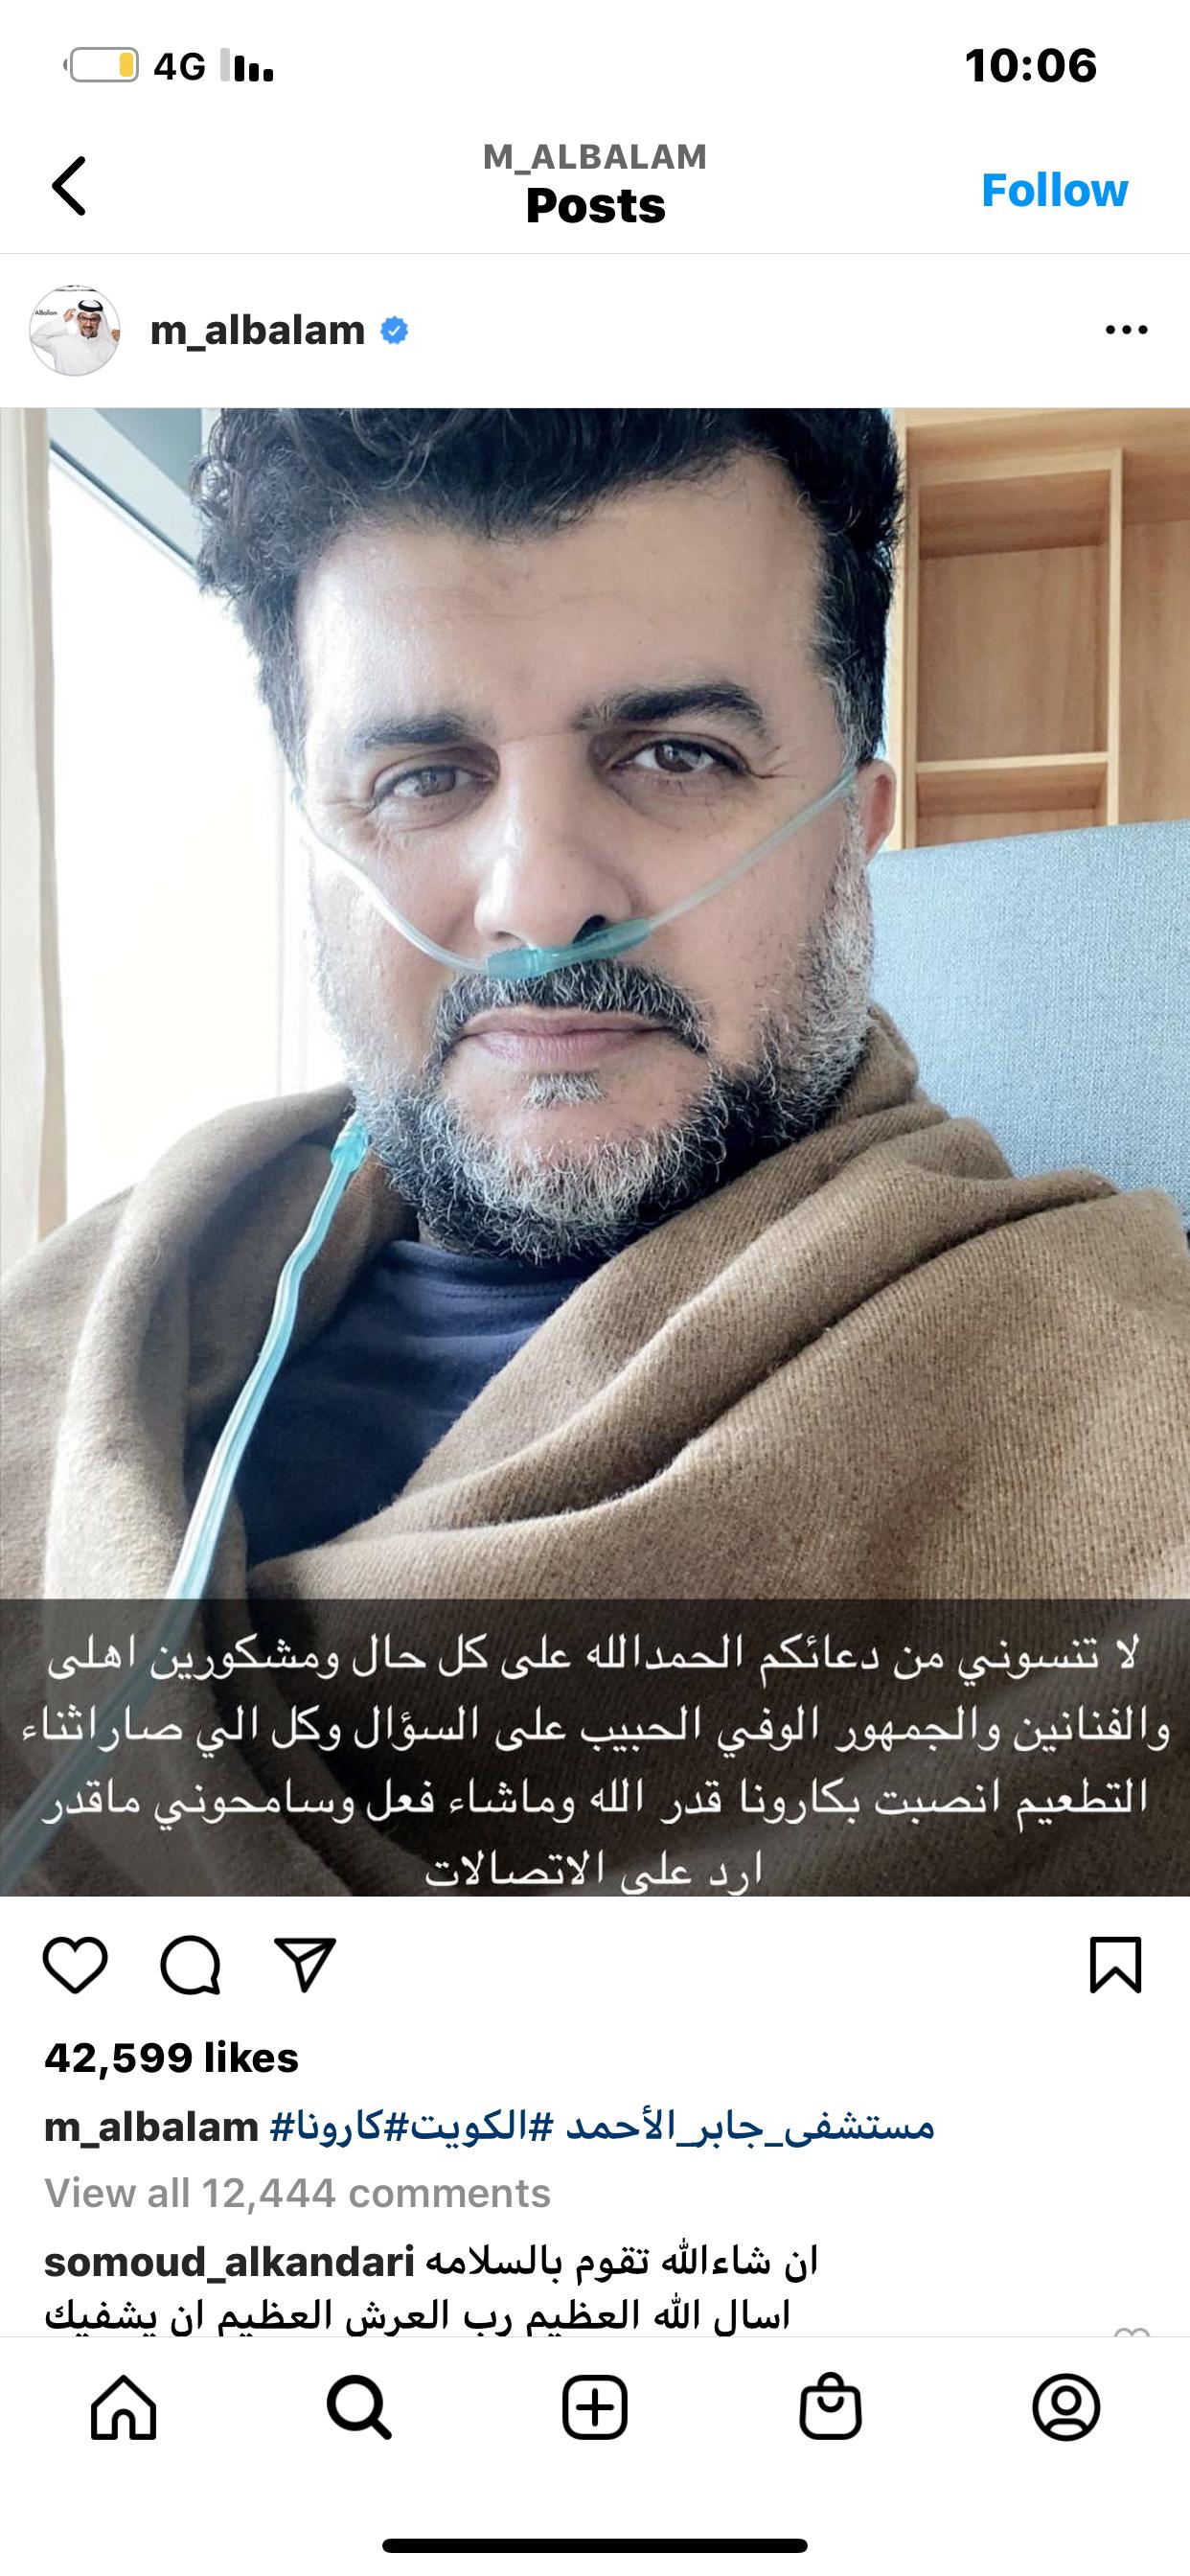 رد: وفاة الفنان الكويتي مشاري البلام